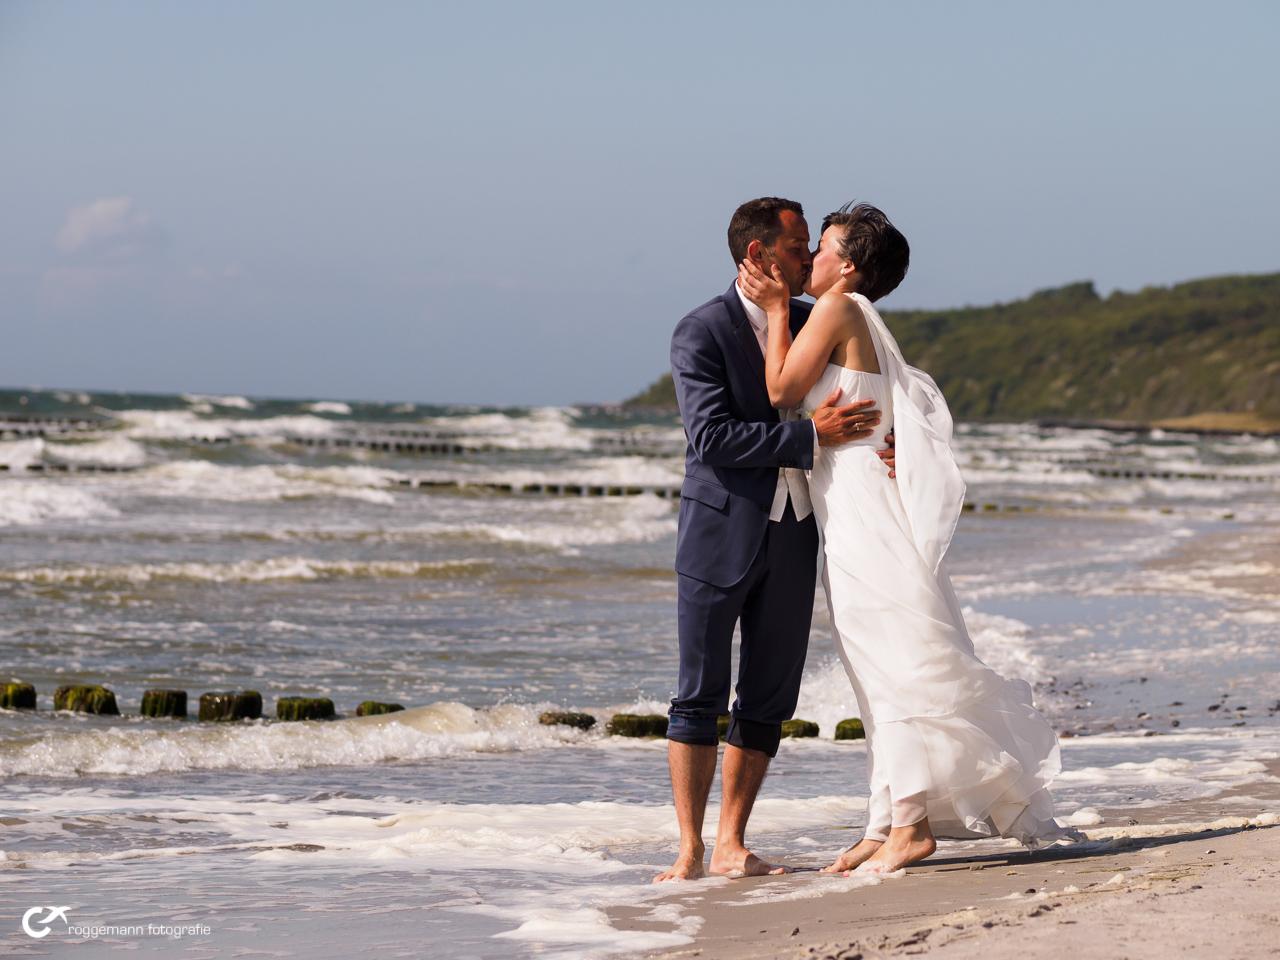 Kuss nach der Hochzeit am Strand